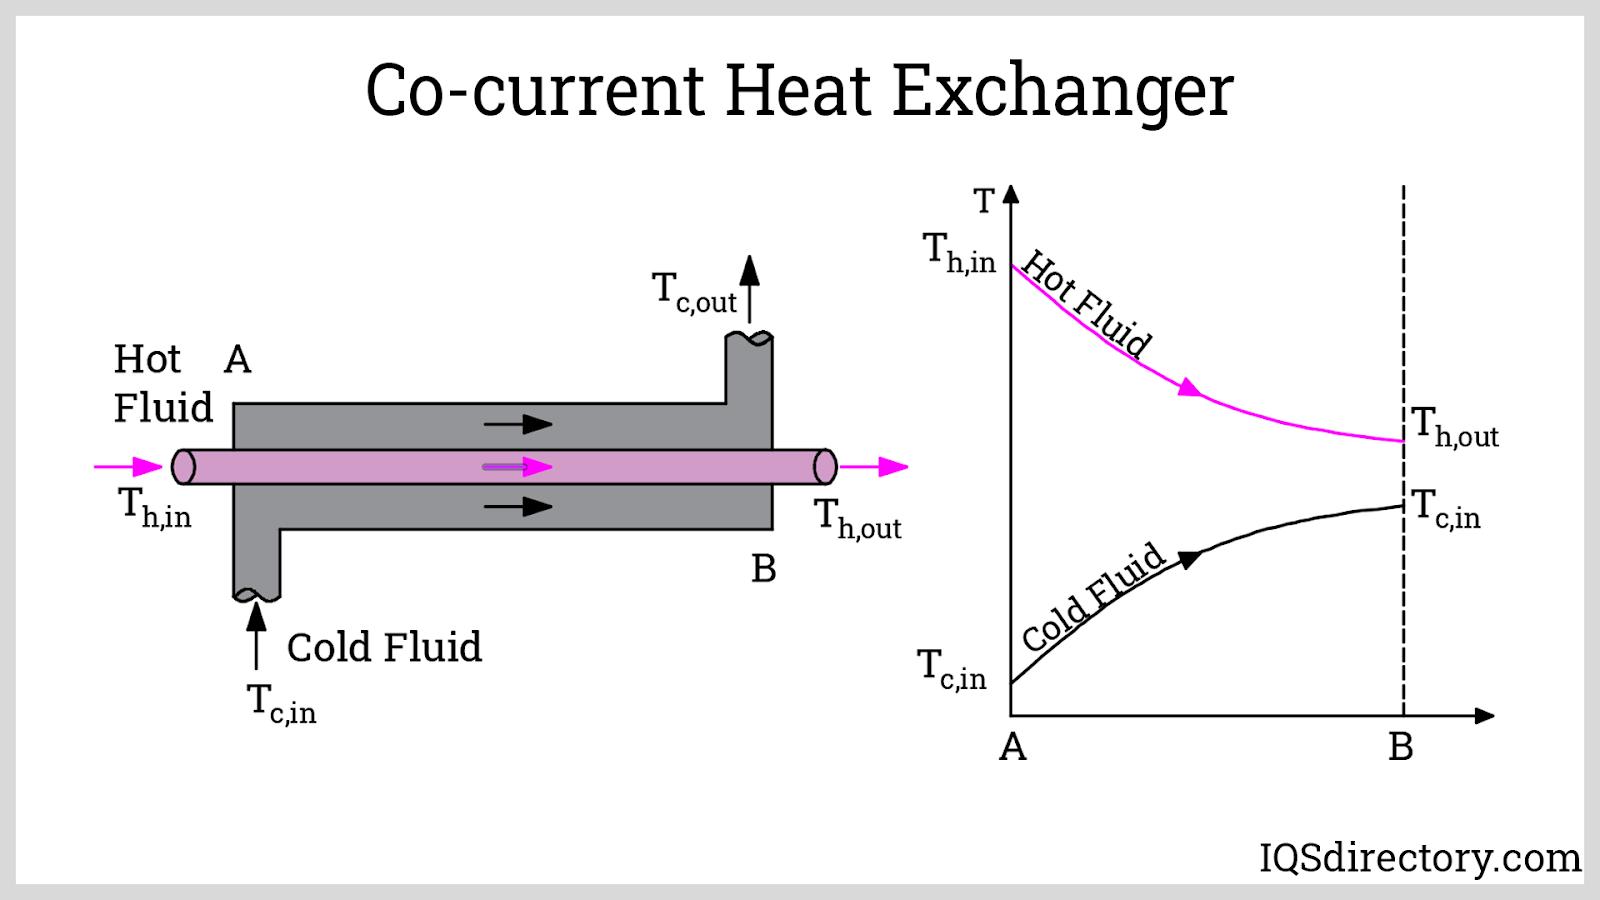 Co-current Heat Exchanger